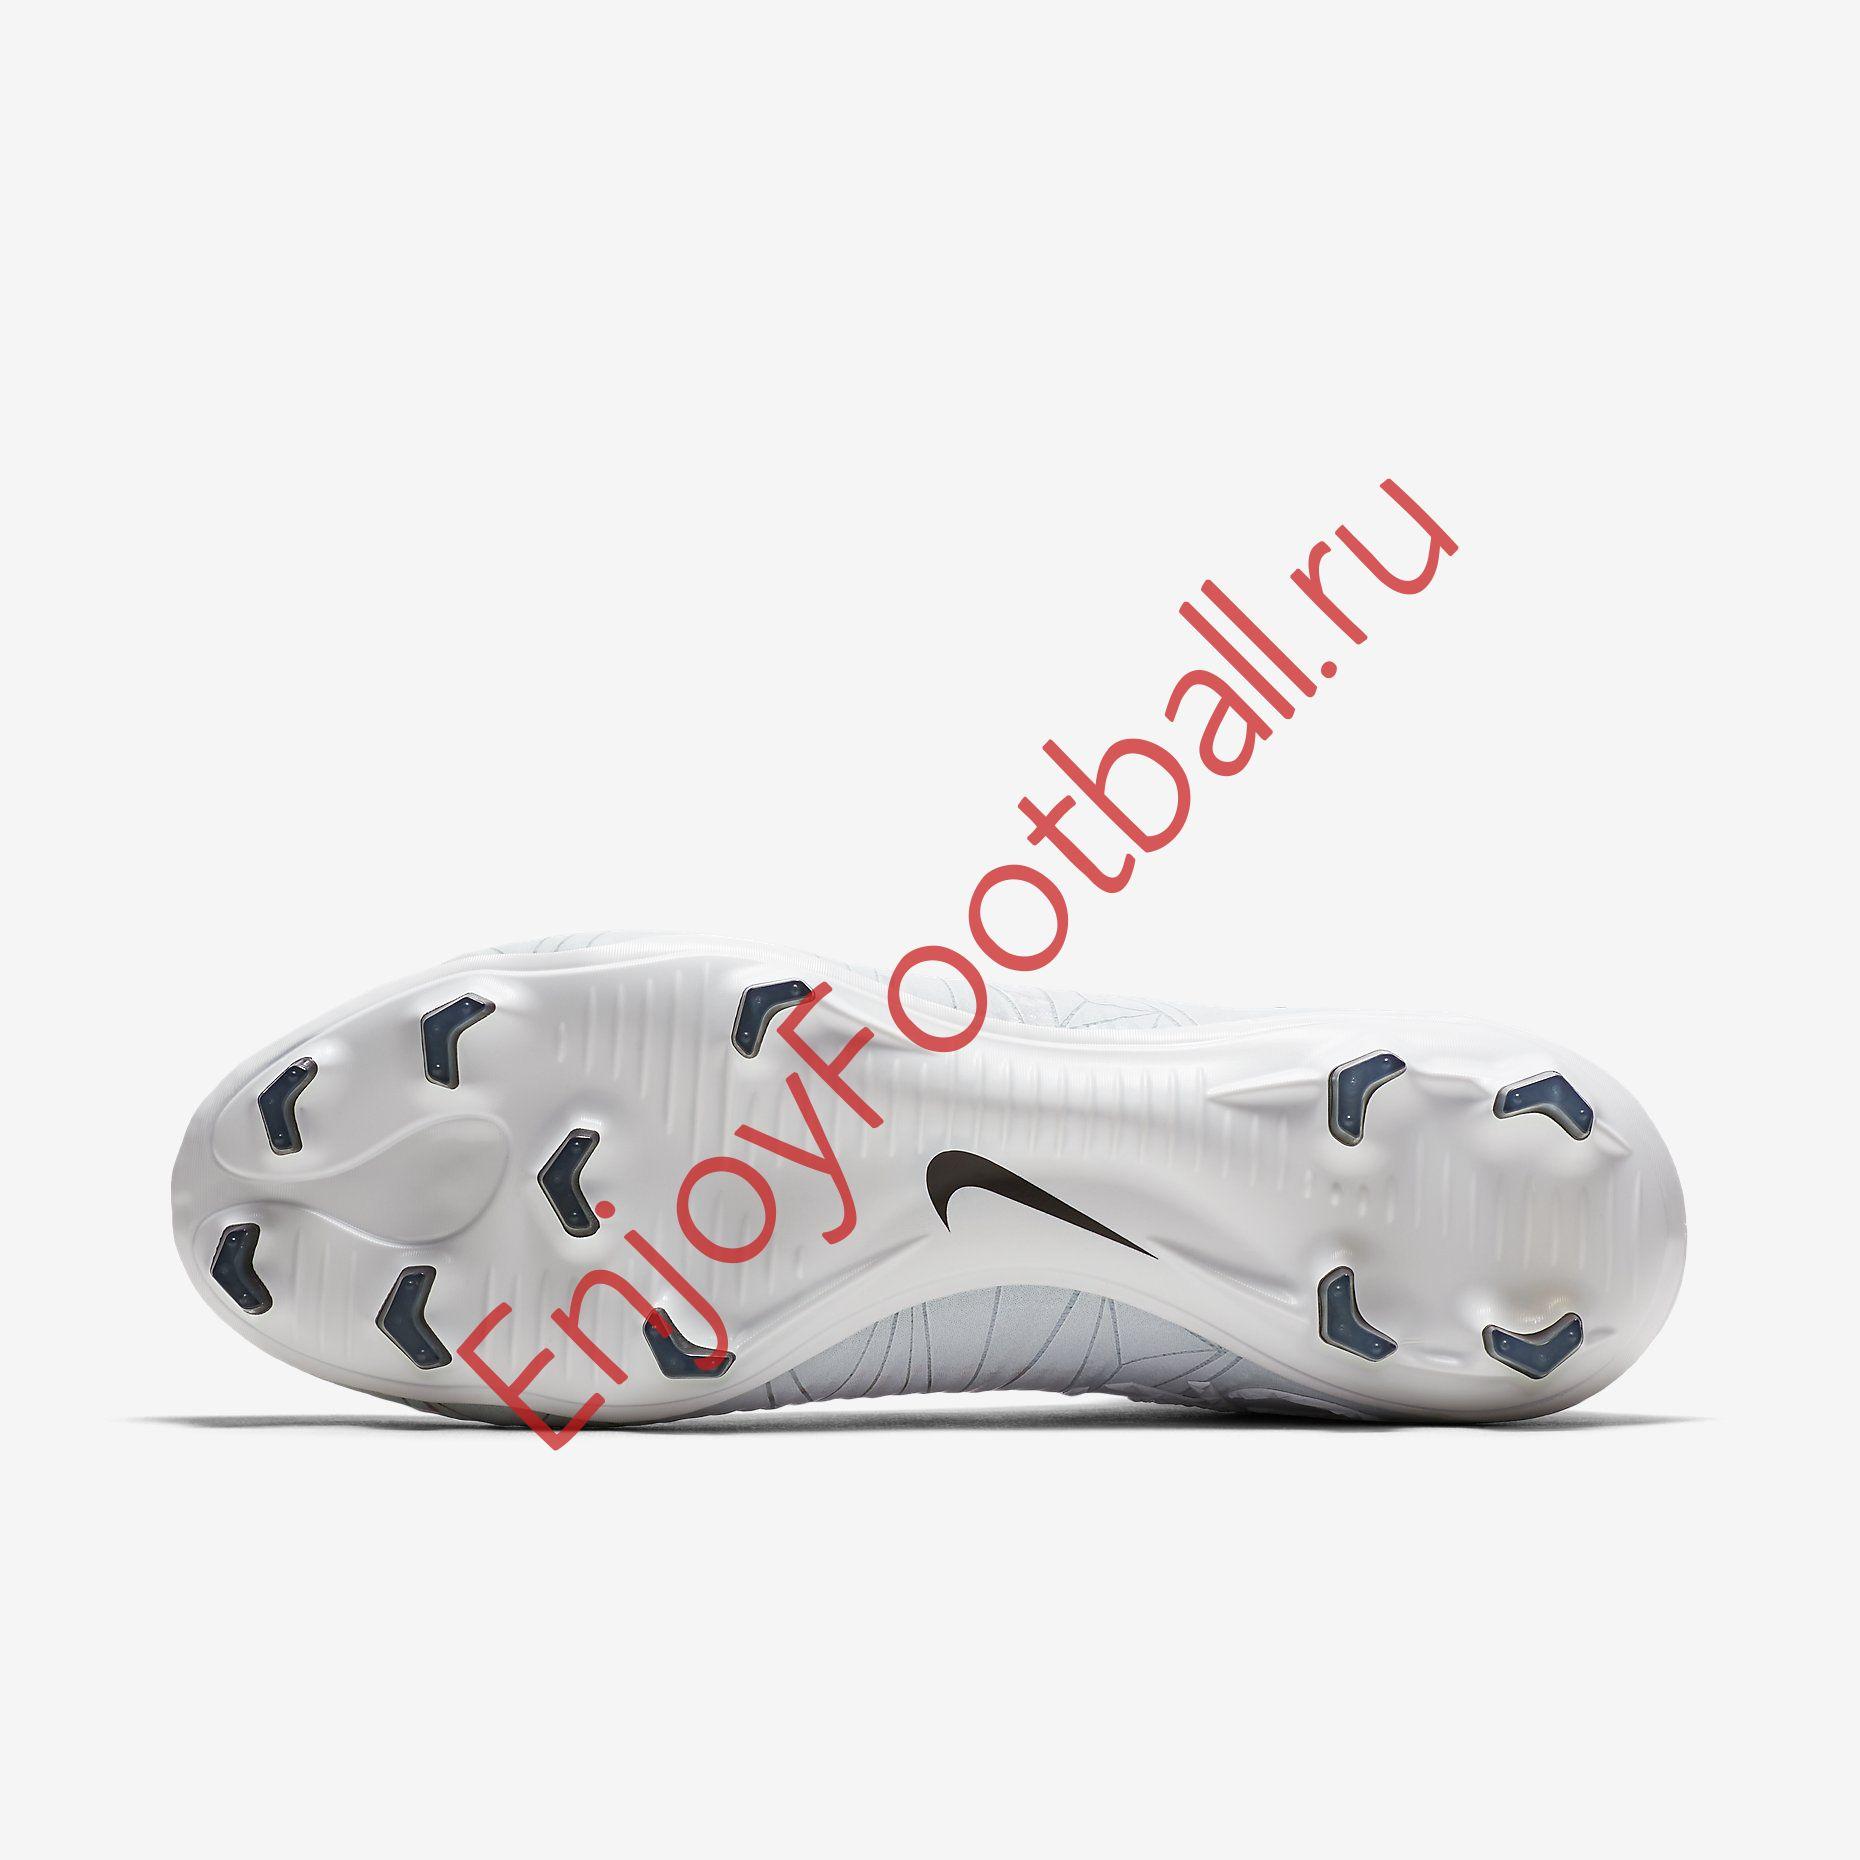 ... Бутсы NIKE MERCURIAL SUPERFLY V CR7 FG 852511-401 ... eeef2518d4e